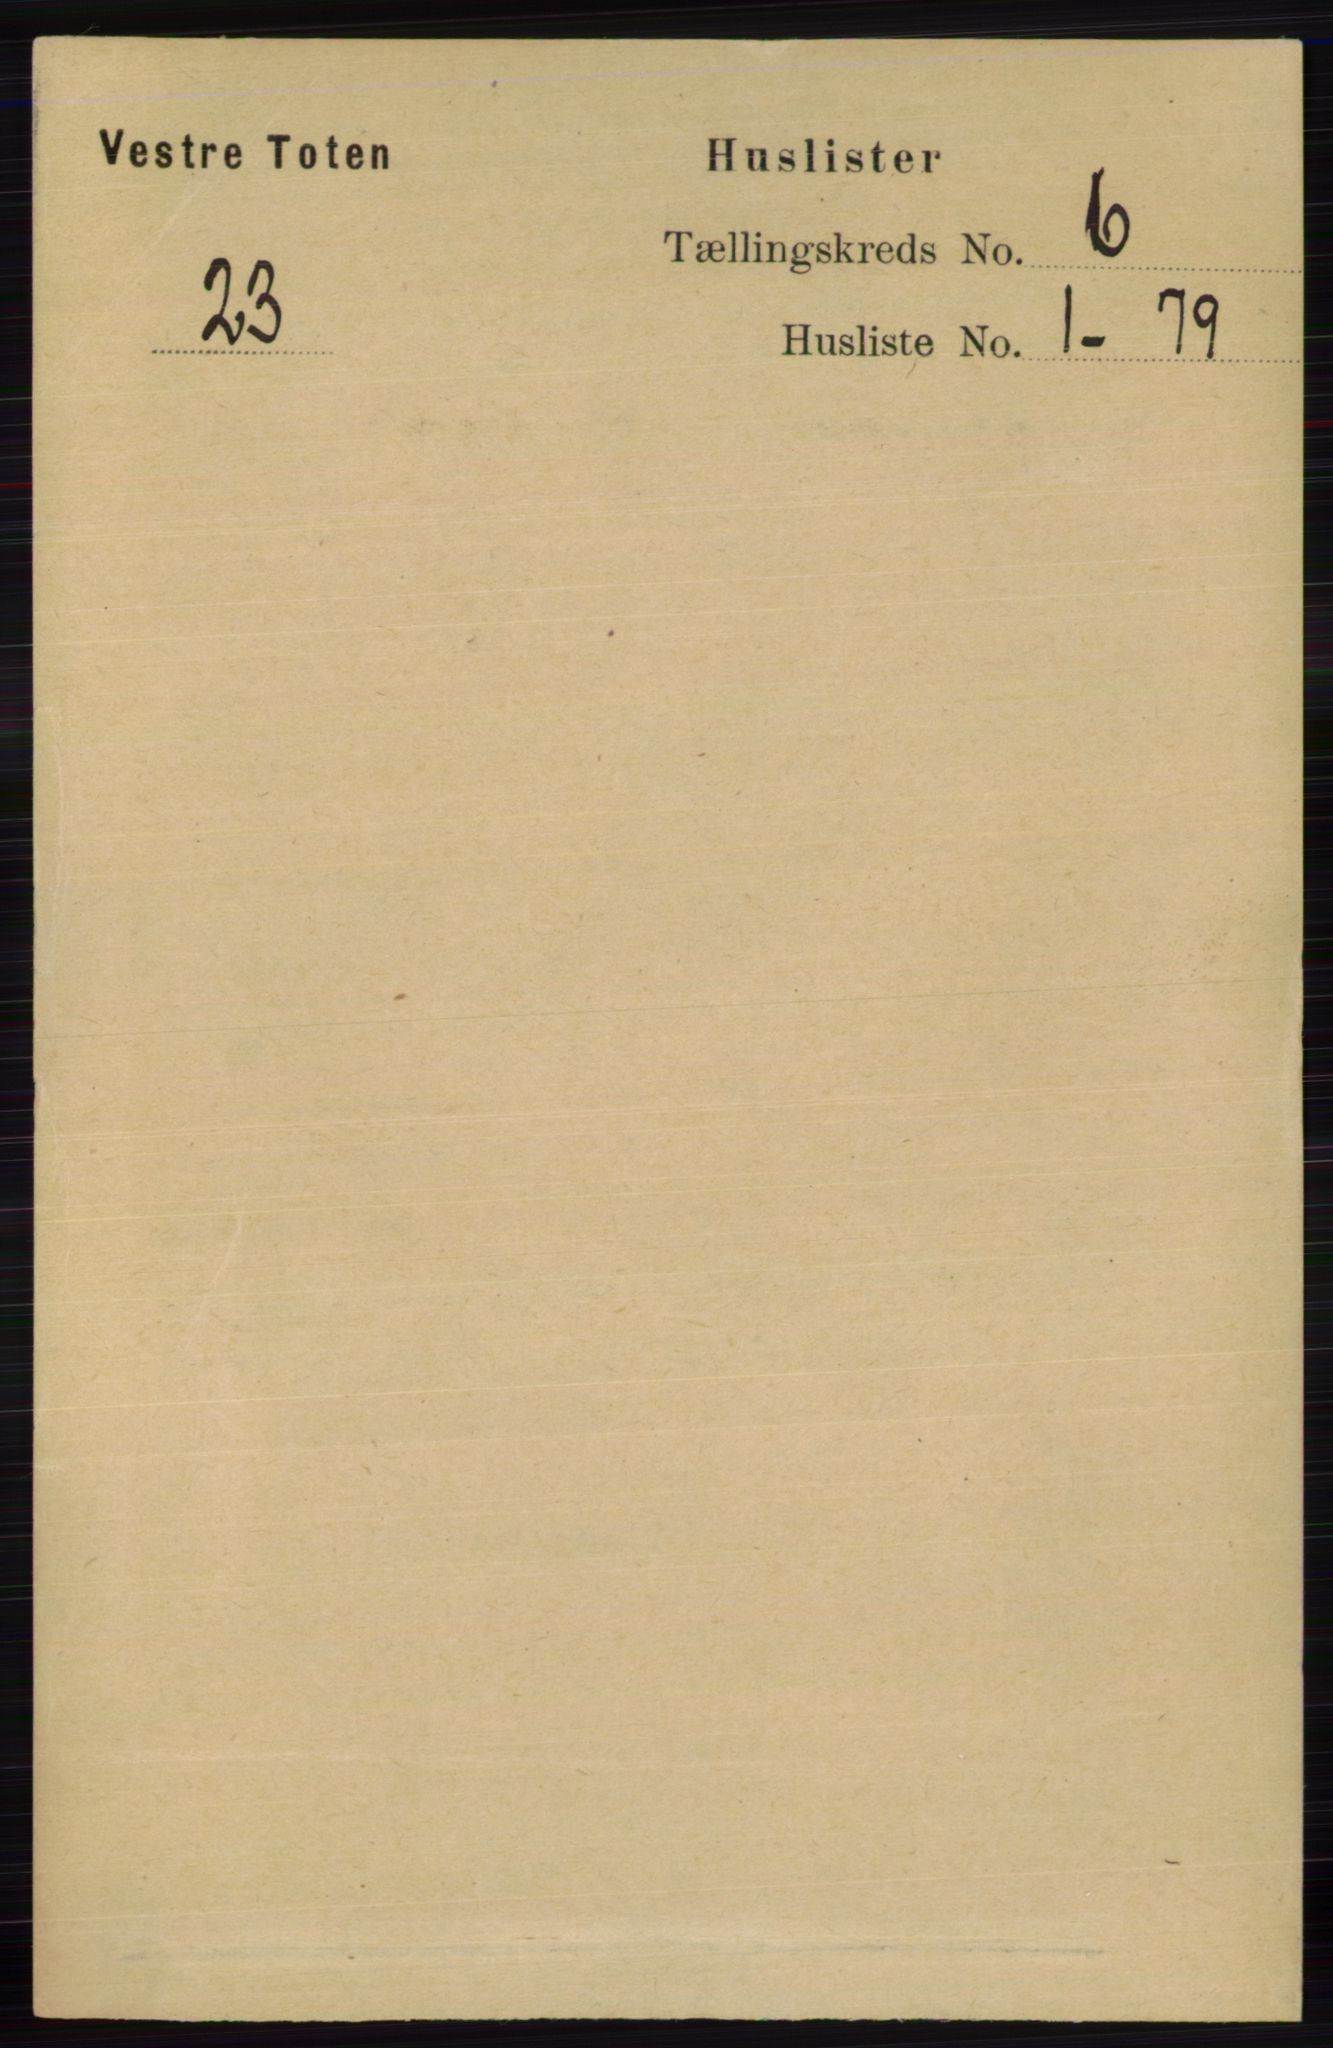 RA, Folketelling 1891 for 0529 Vestre Toten herred, 1891, s. 3733